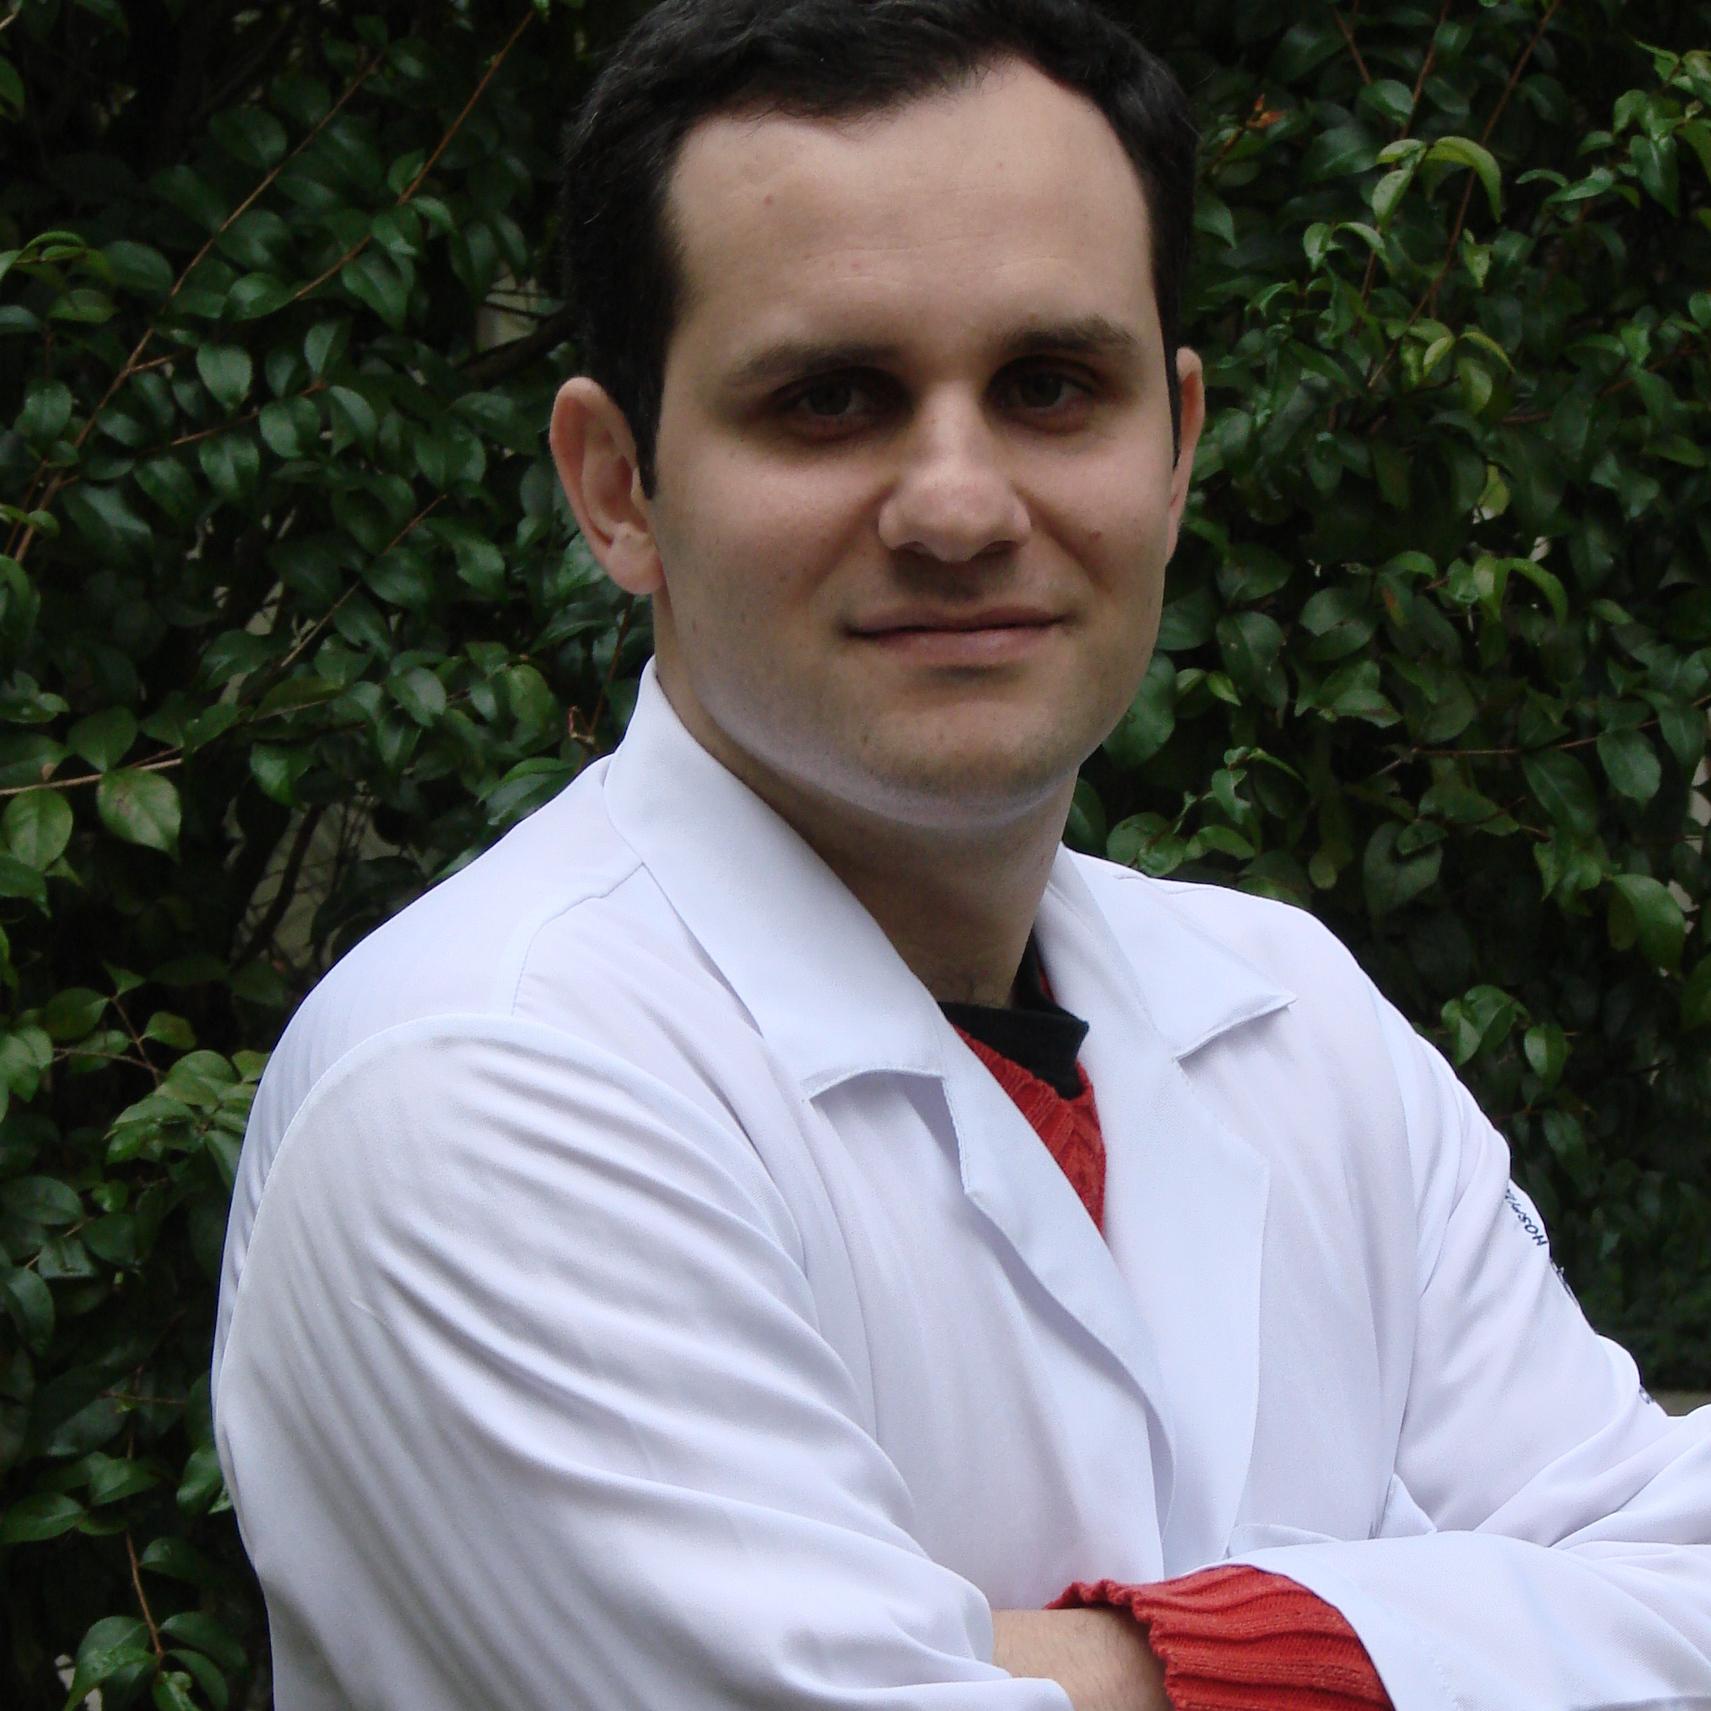 Silvio Paz Landin Filho